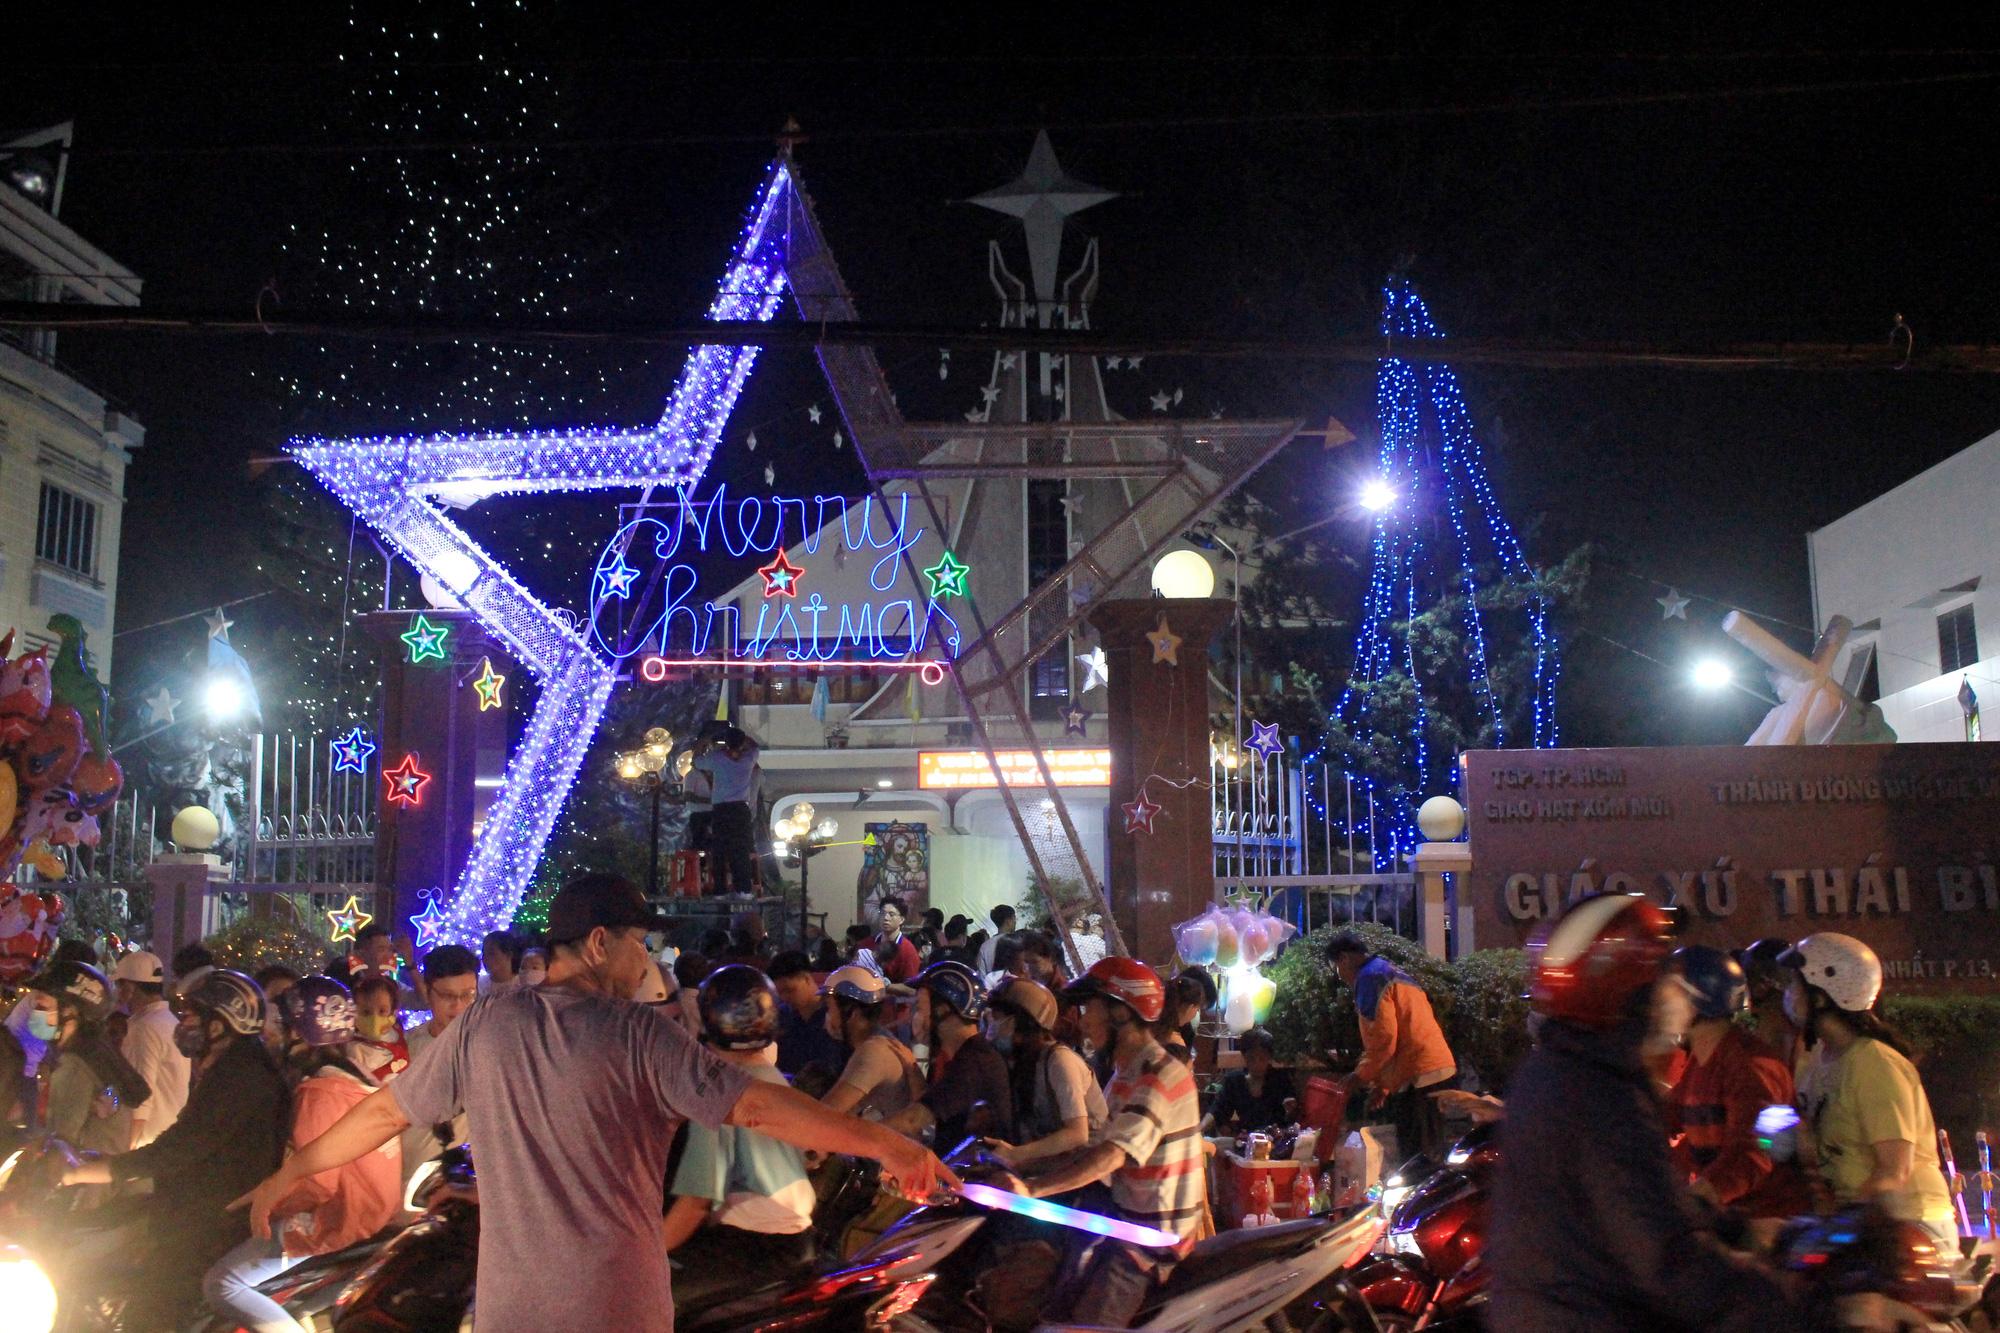 Đường Sài Gòn tắc nghẽn, người dân đổ xô đi chơi Giáng sinh - Ảnh 2.